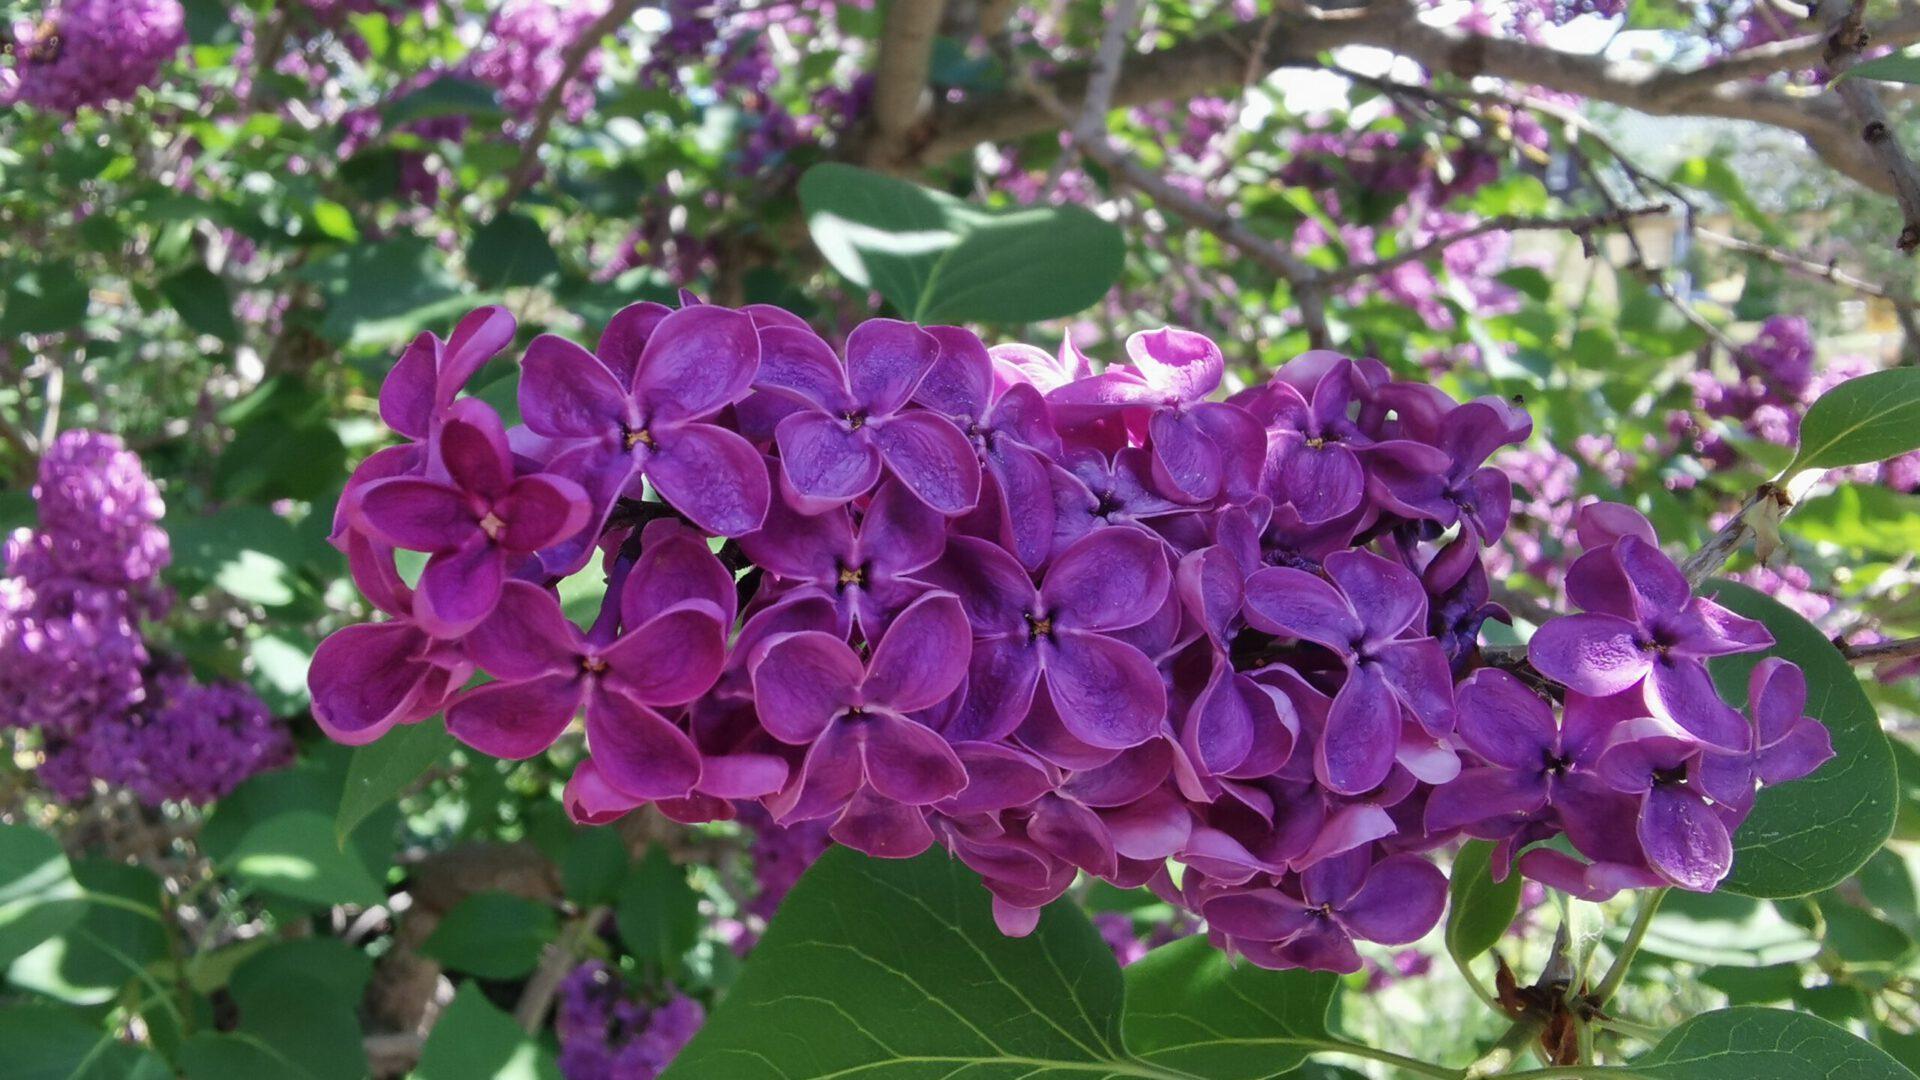 Eckes Blumenwelt